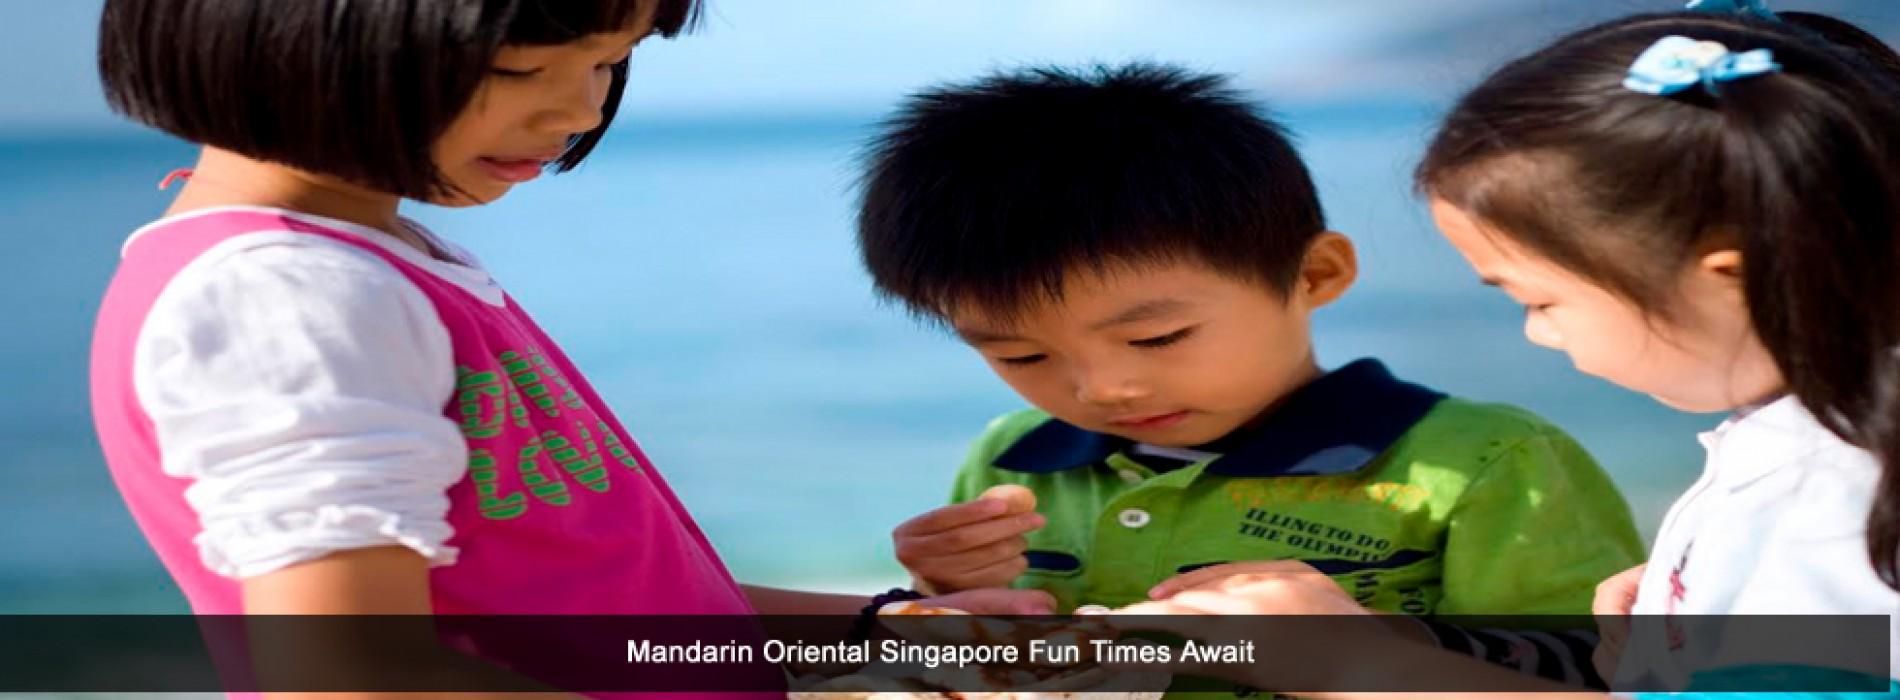 Fun times await at Mandarin Oriental, Singapore